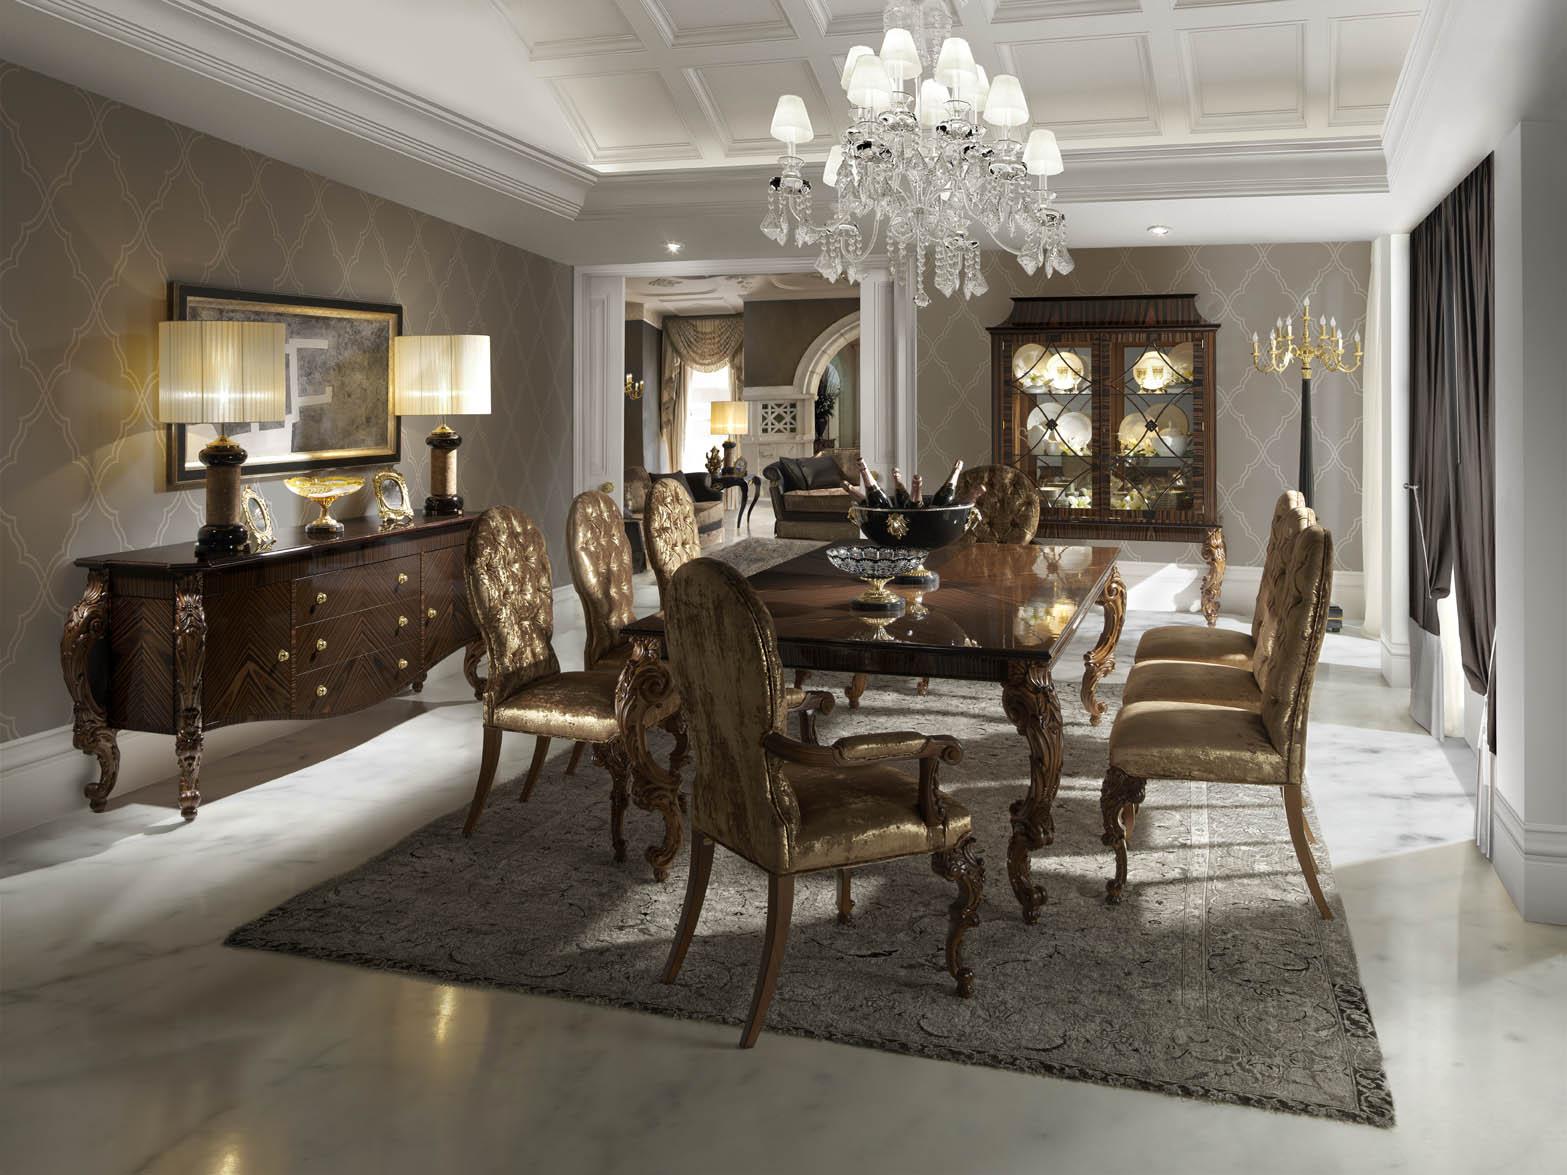 Soher presenta en exclusiva en espa a su colecci n - Habitat muebles espana ...